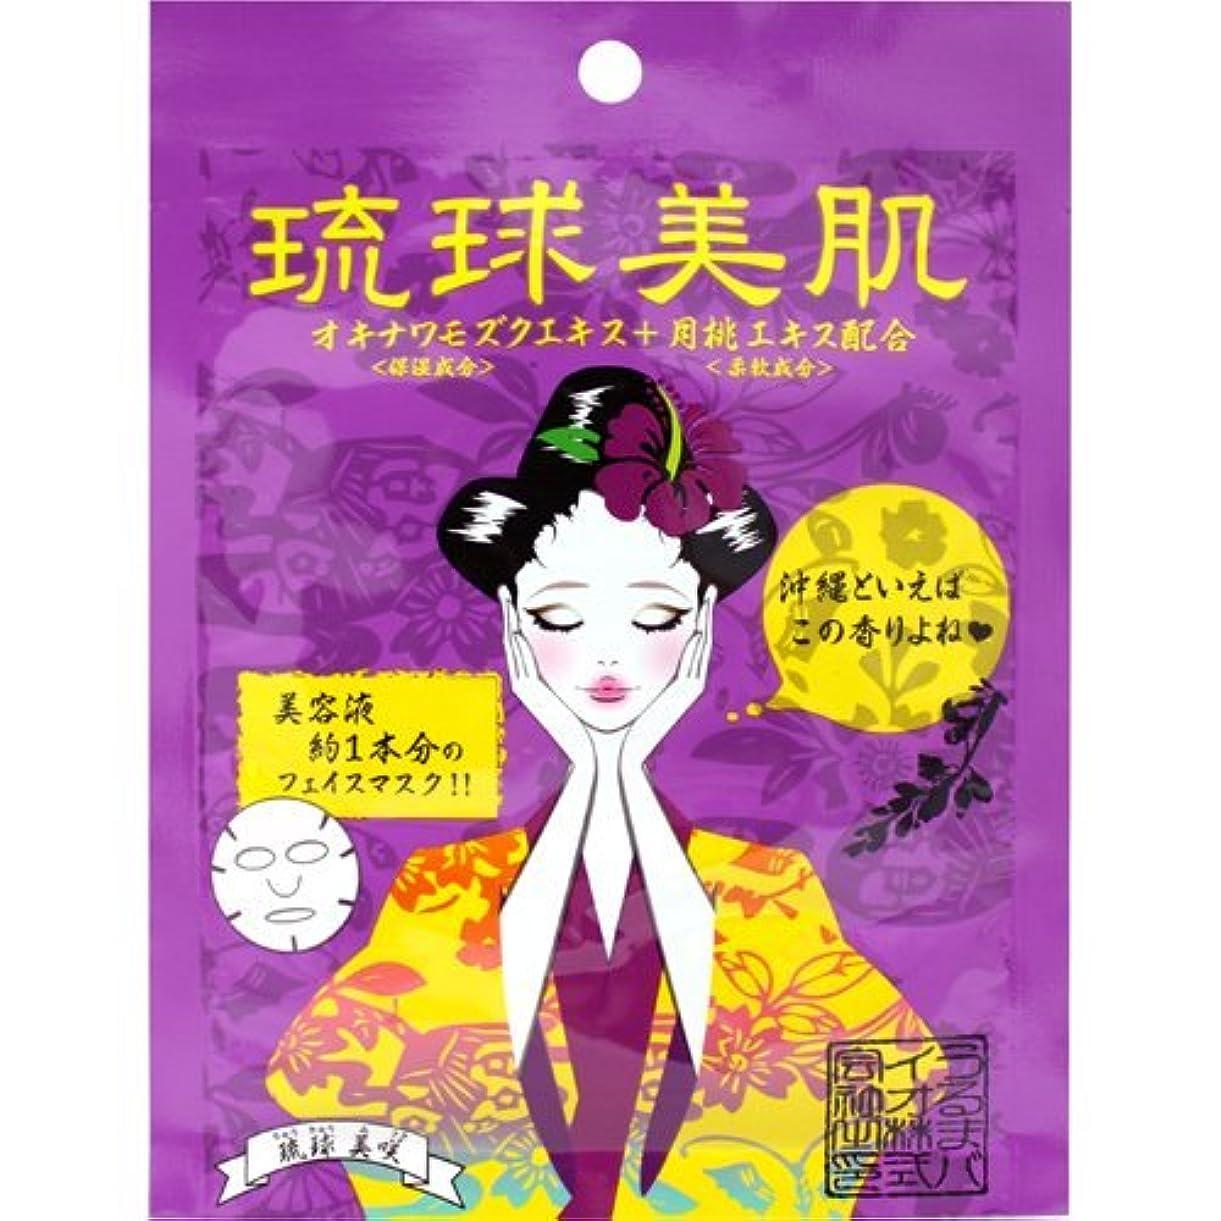 報酬の最初プレビスサイト琉球美肌 フェイスマスクシート 月桃×20袋